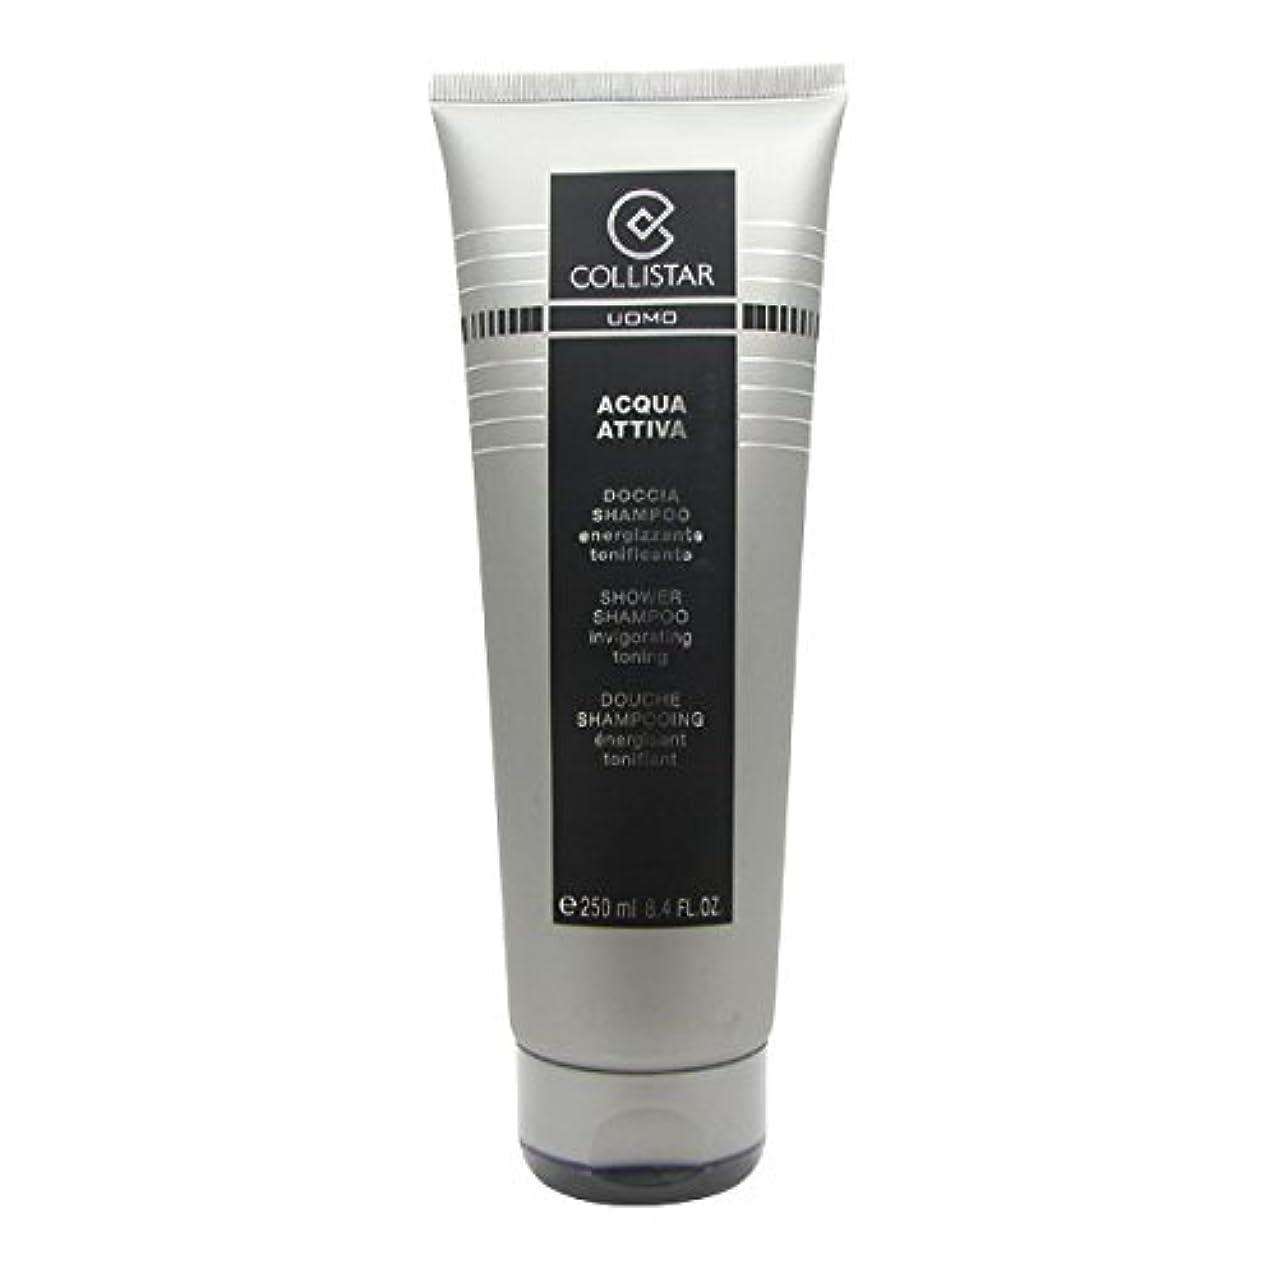 魅力的であることへのアピール鳥合理化Collistar Men Acqua Attiva Shower Shampoo 250ml [並行輸入品]